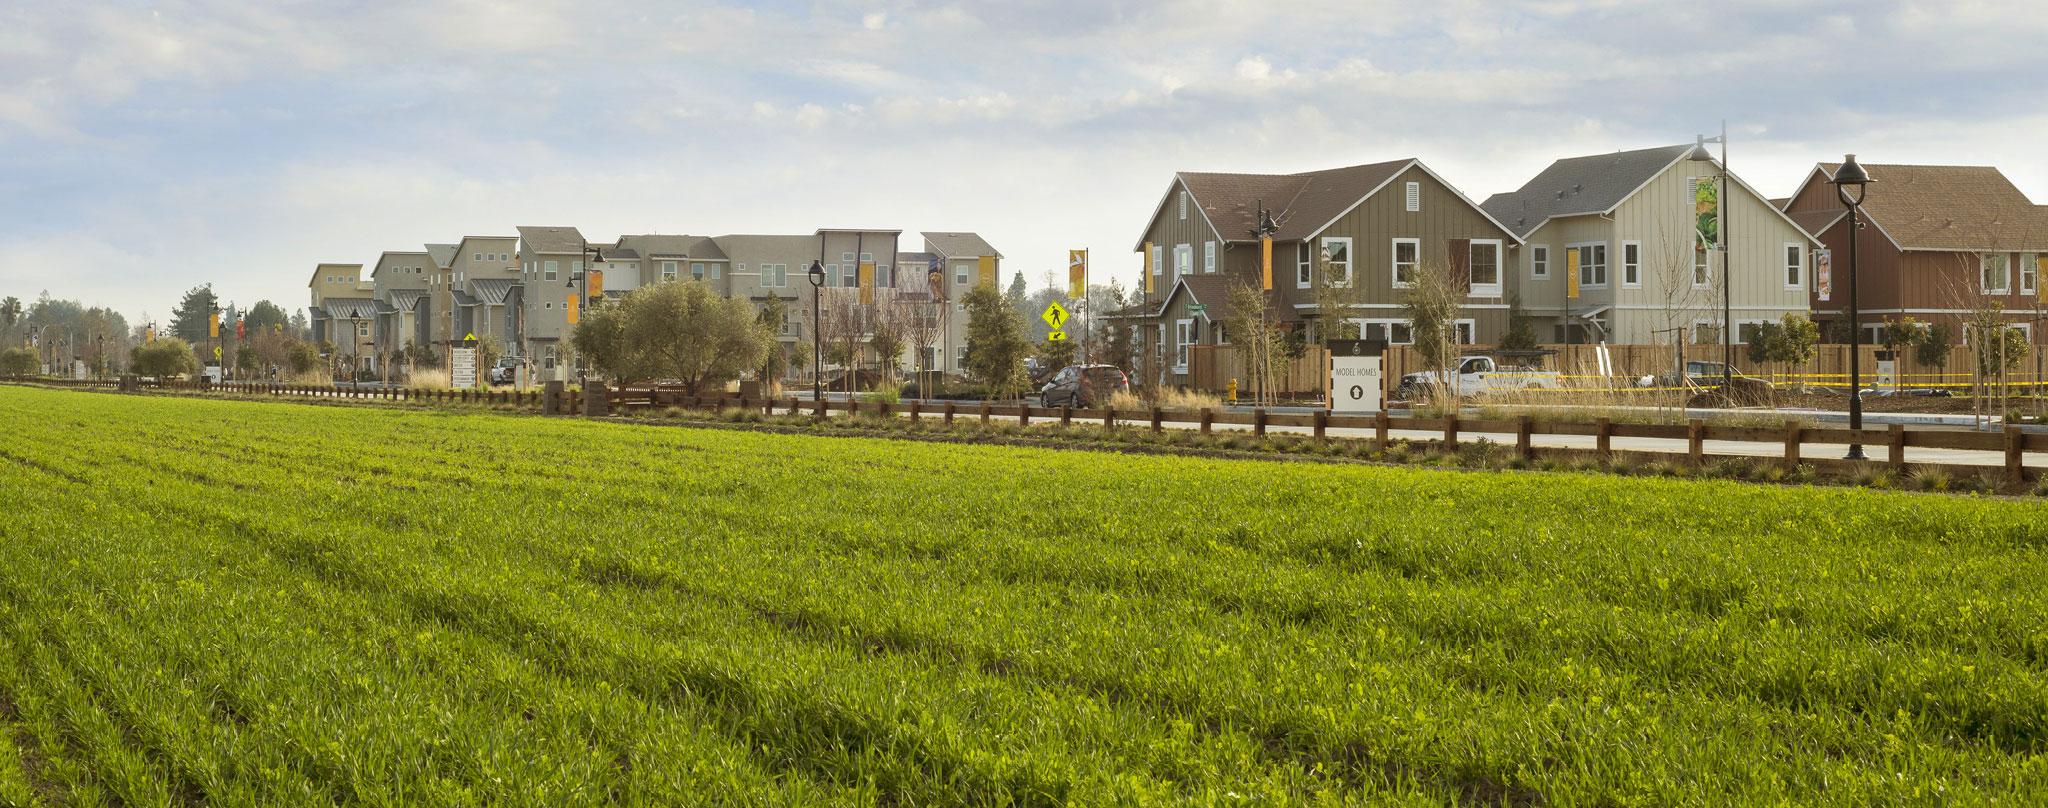 The cannery . Farmhouse clipart farm community